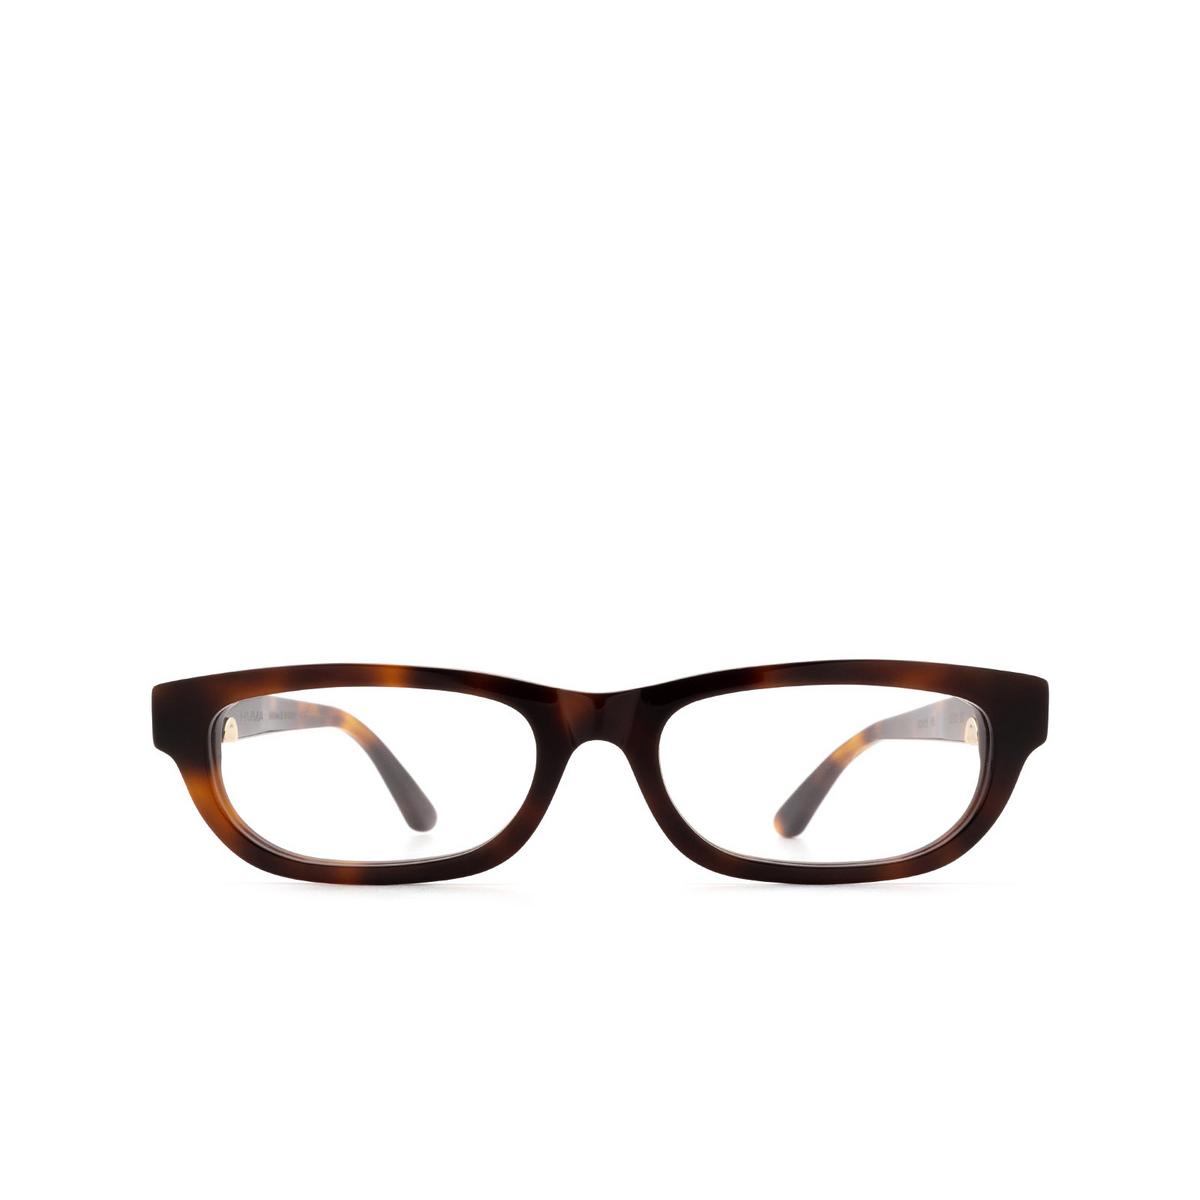 Huma® Rectangle Eyeglasses: Lou color Havana 00V - front view.